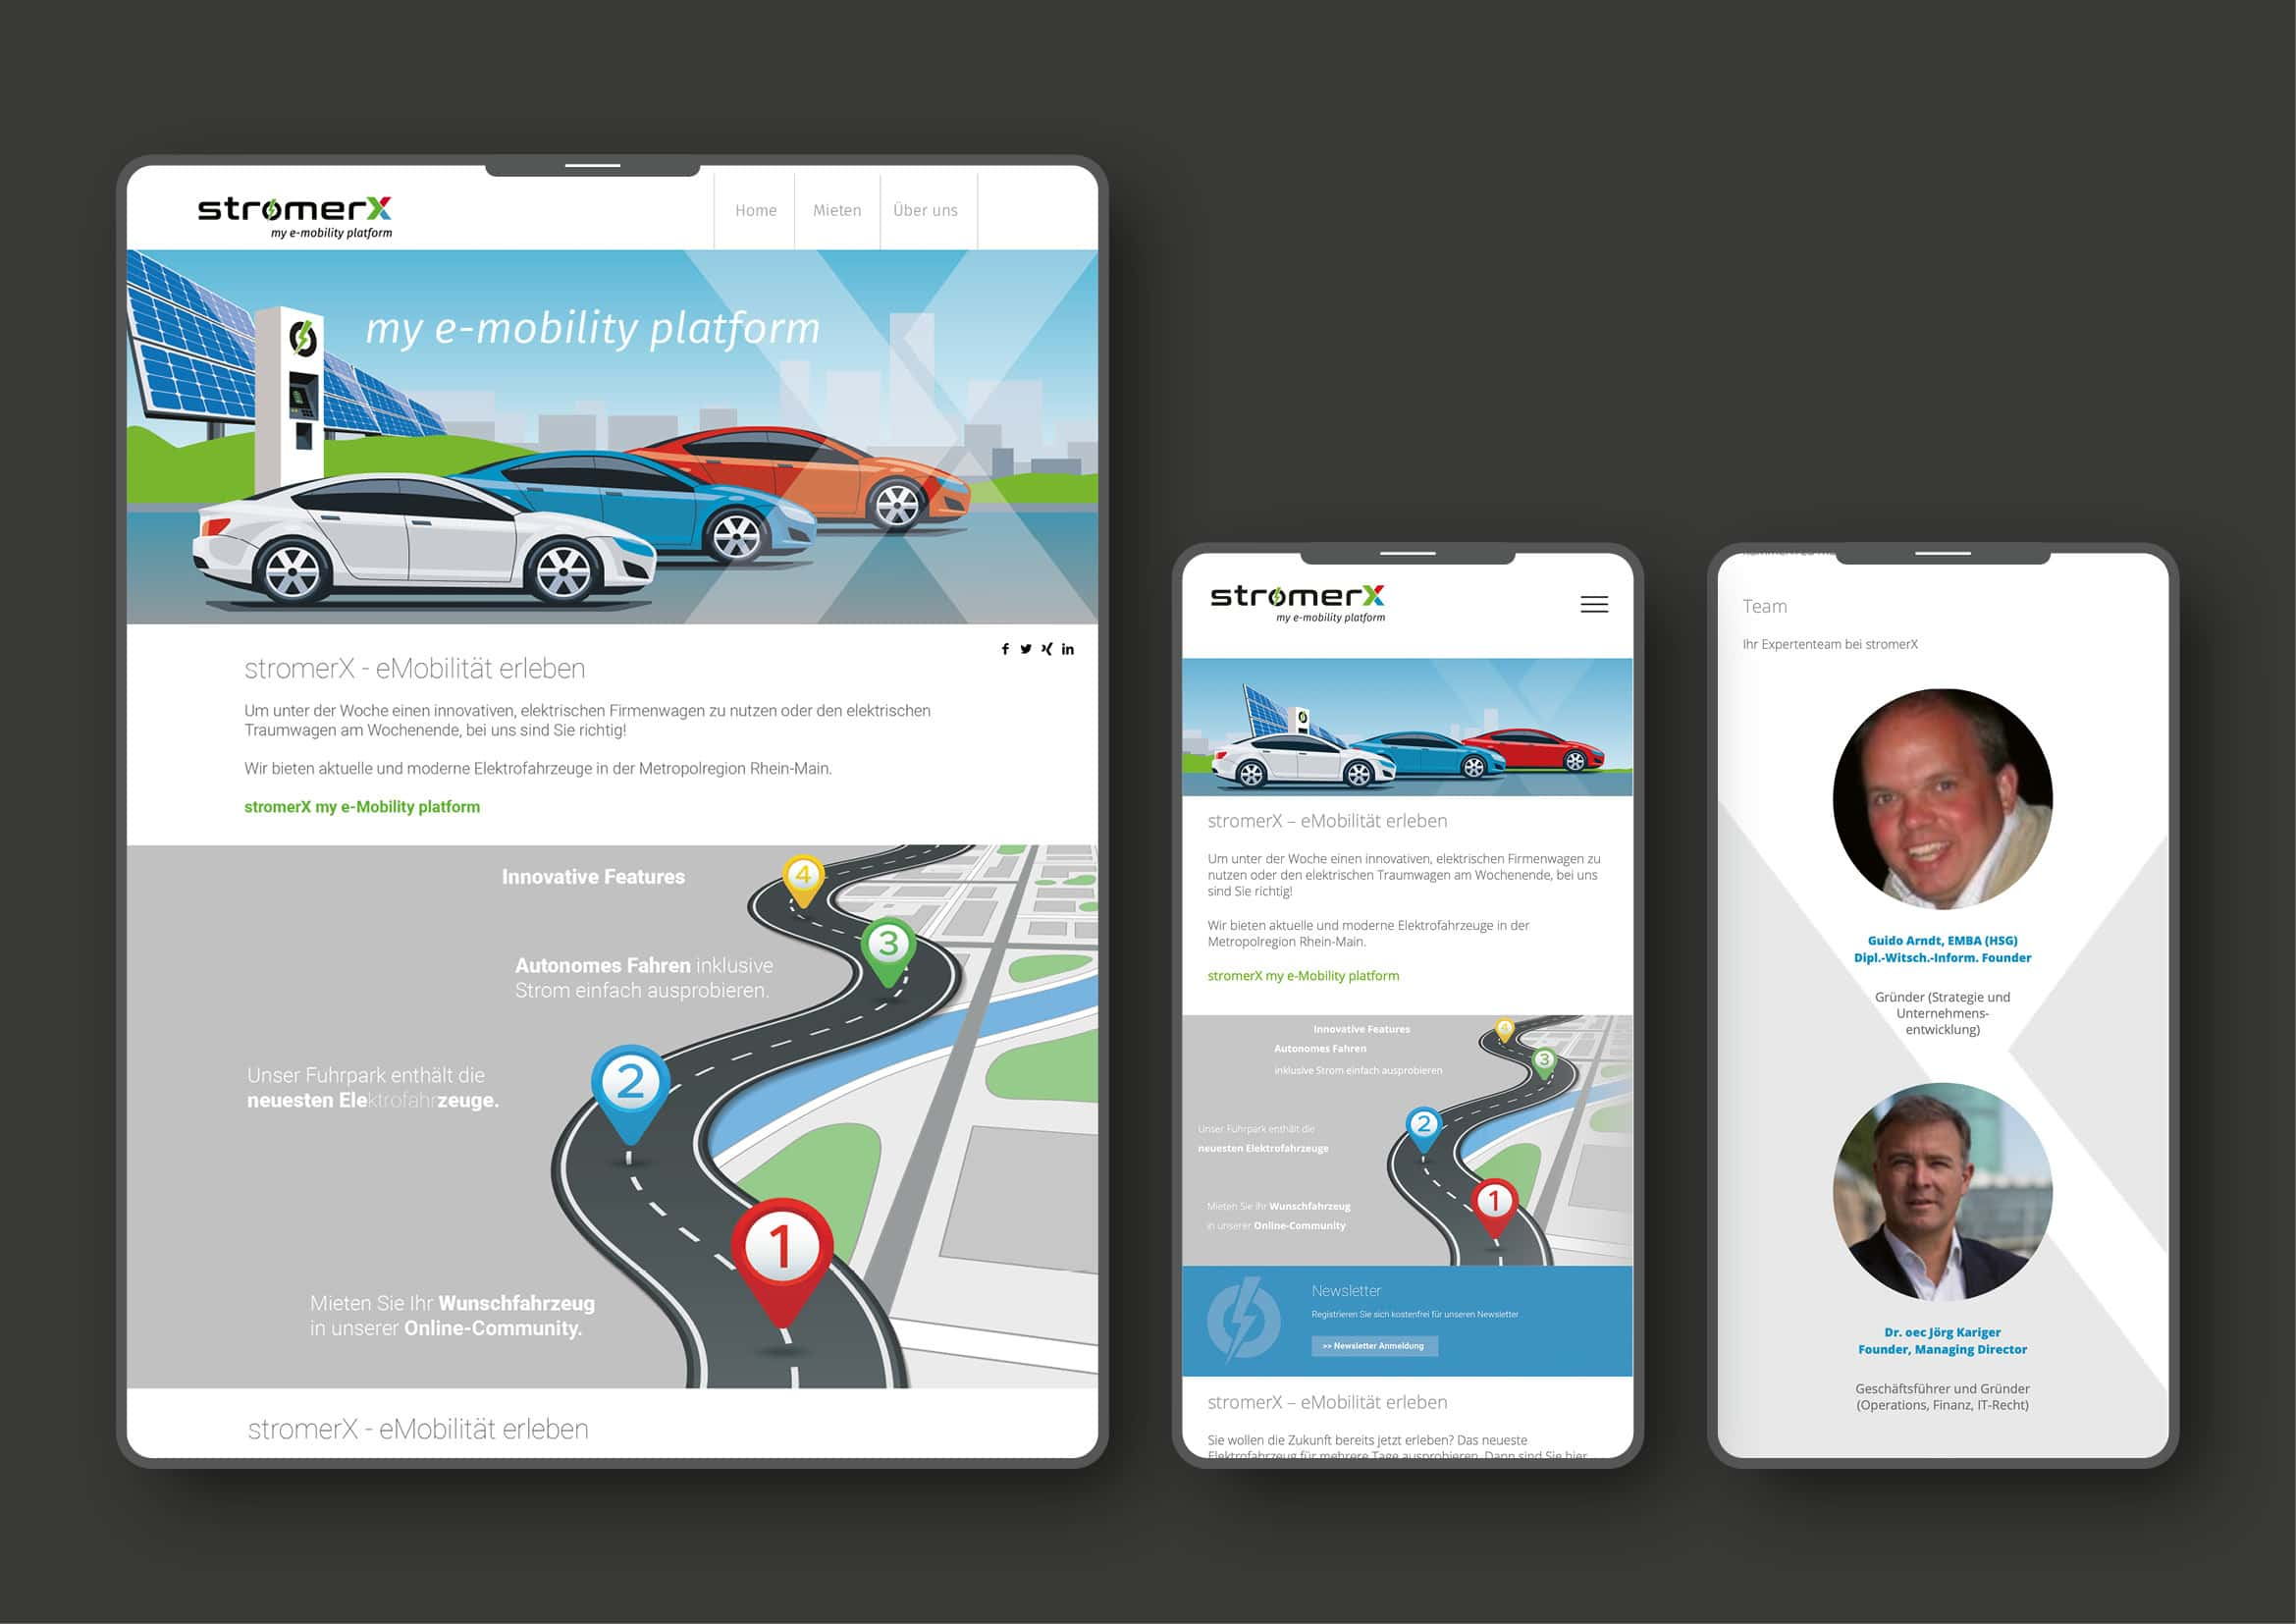 Corporate Design und Webdesign und Entwicklung für E-Mobilität Internet Plattform StromerX durch Ronald Wissler Visuelle Kommunikation